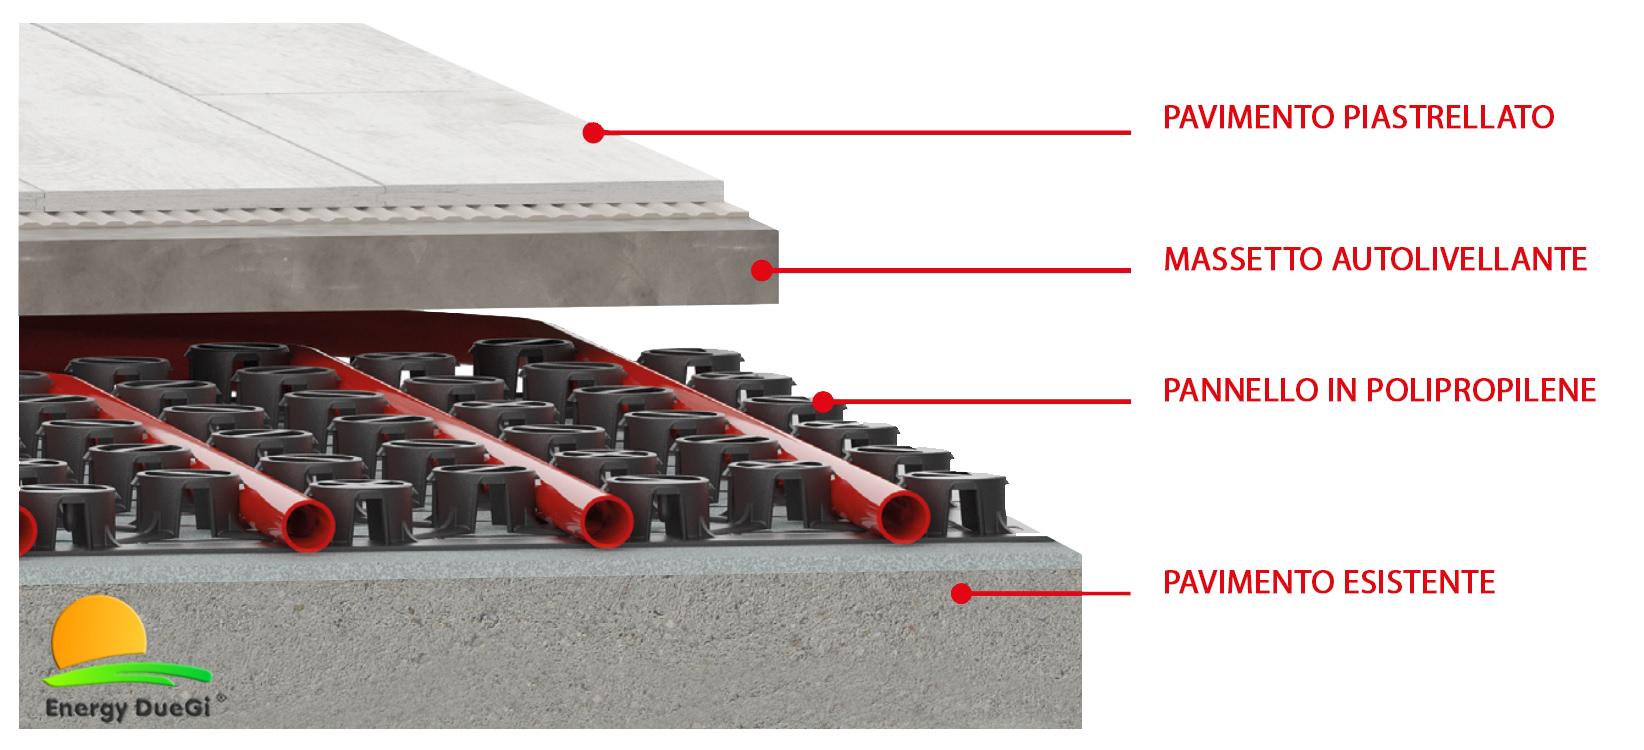 Riscaldamento A Pavimento Ribassato Spessore kit riscaldamento a pavimento ribassato in soli 25 mm per impianti civili  da 100 m²